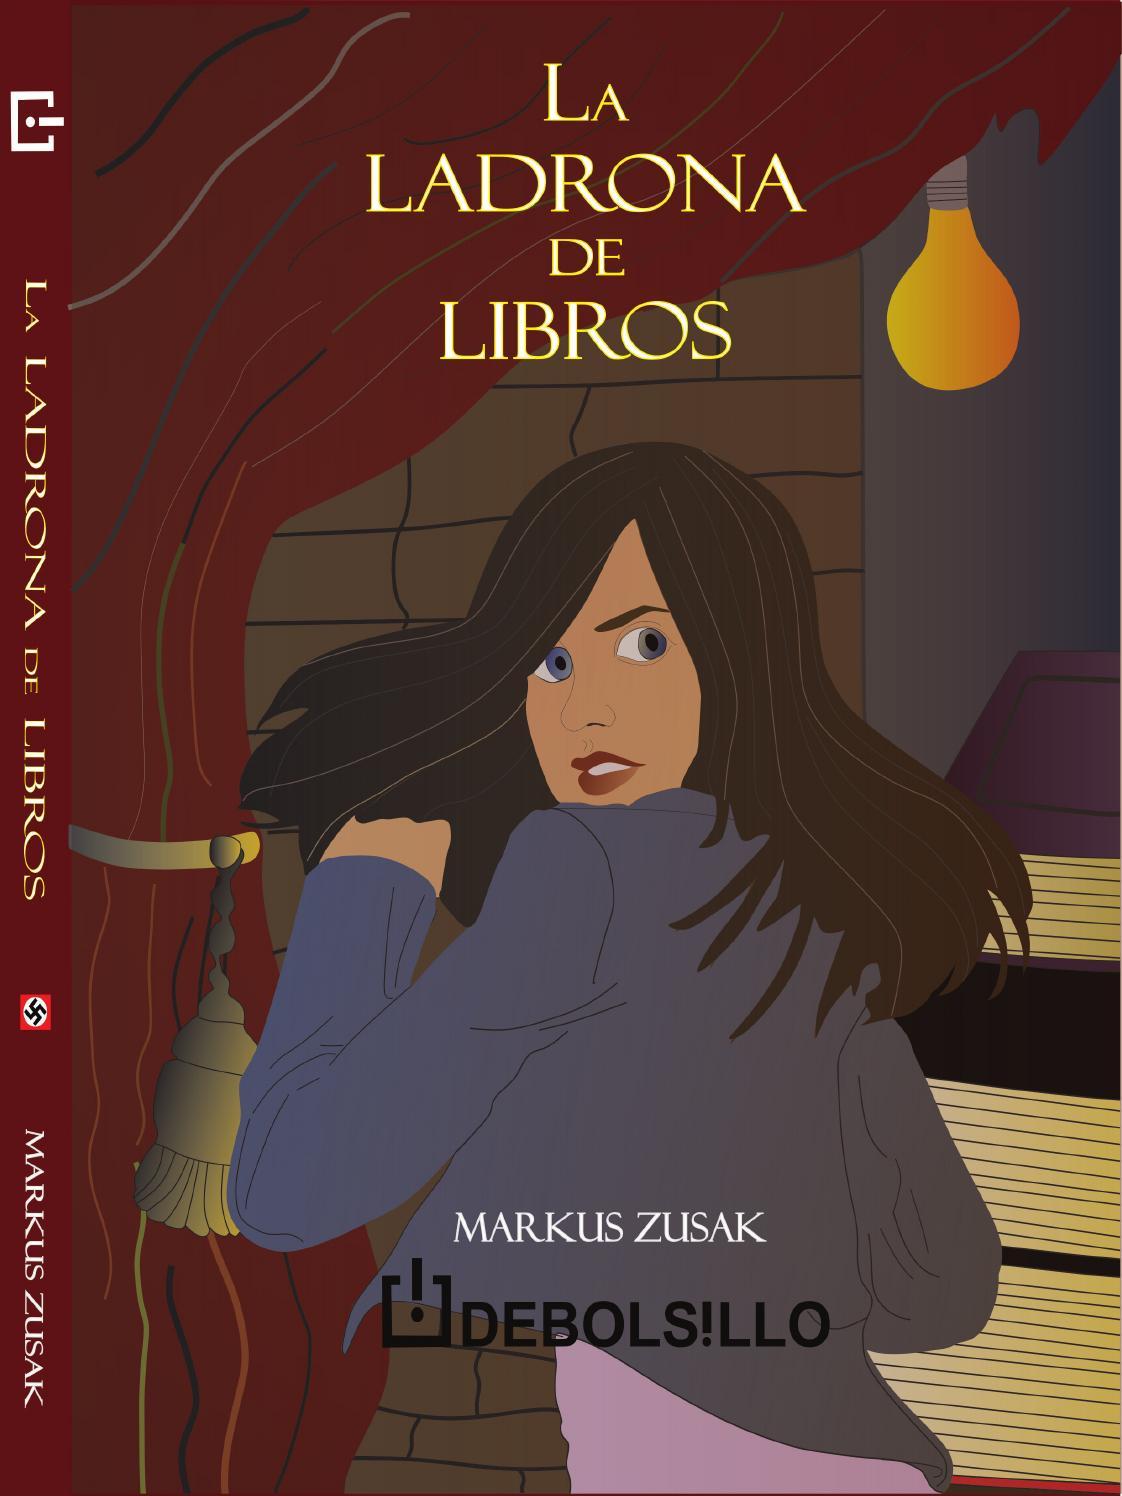 Libro edicion especial, la ladrona de libros by Luis